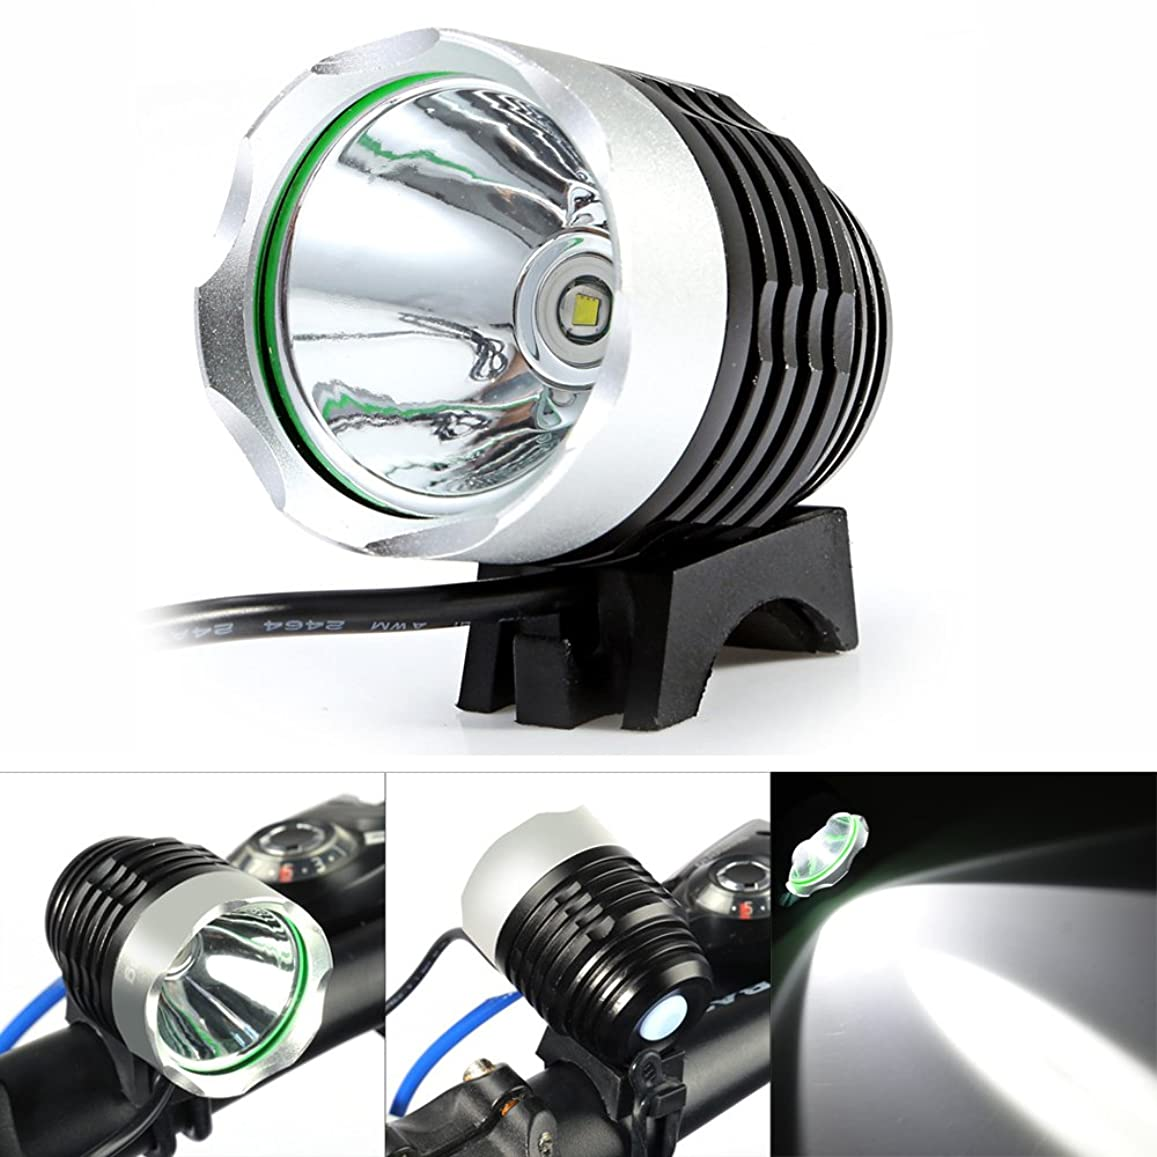 ホイップ銀ボスATNKE テールライト USB充電式 インテリジェントインダクションブレーキライト 自動点灯·消灯機能付き 最大27時間持続点灯 LEDライト軽量 高輝度 100ルーメン IPX8防水仕様 夜間視界が1000メートル以上夜間走行の視認性をアピール オートライト搭載自動点滅自転車リアライト